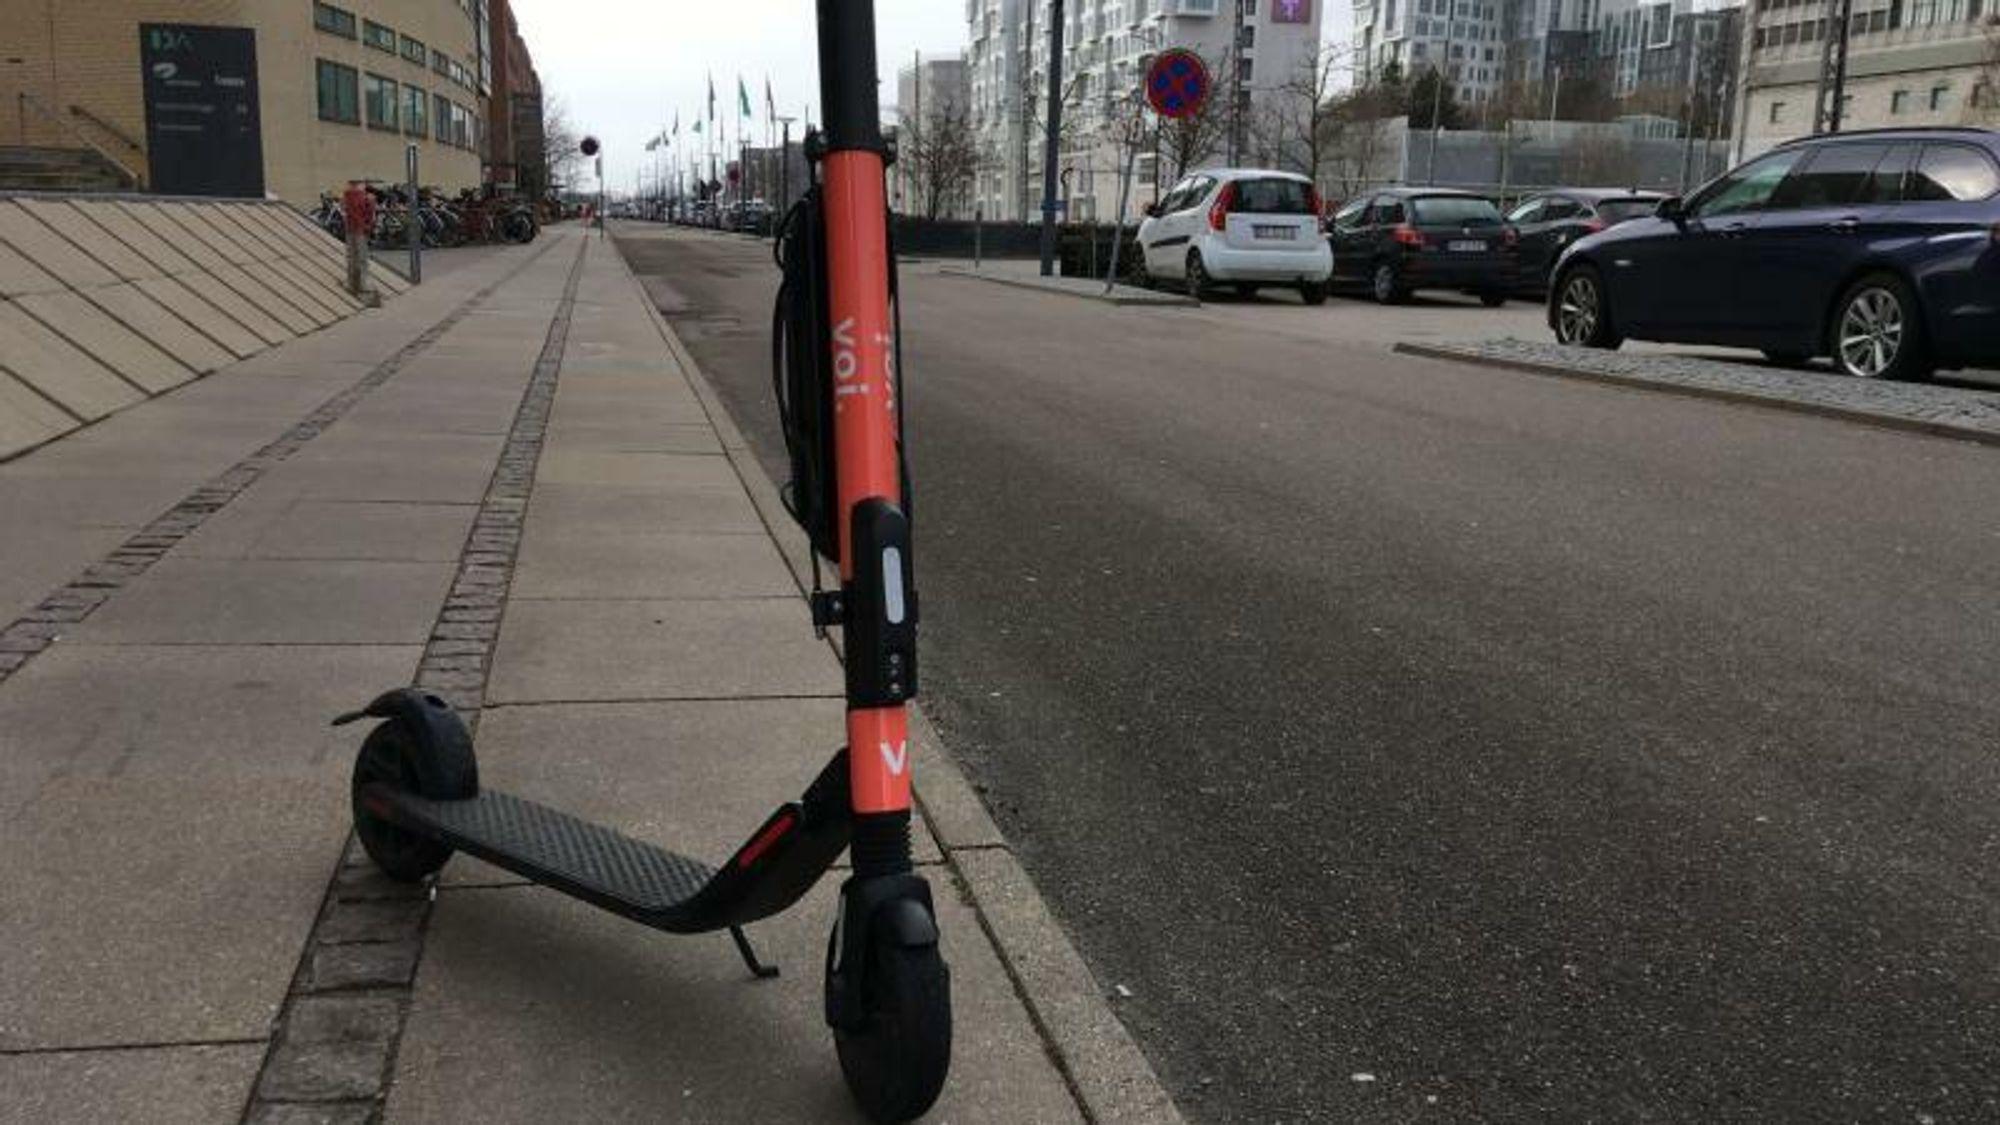 Den første evalueringen av el-sparkesyklene viser flere uhell, dårligere trafikkatferd enn syklistenes, og et klimaavtrykk som trekkes ned av at brukerne oftest ville ha gått eller syklet i stedet. Illustrasjon: Christian Østergaard